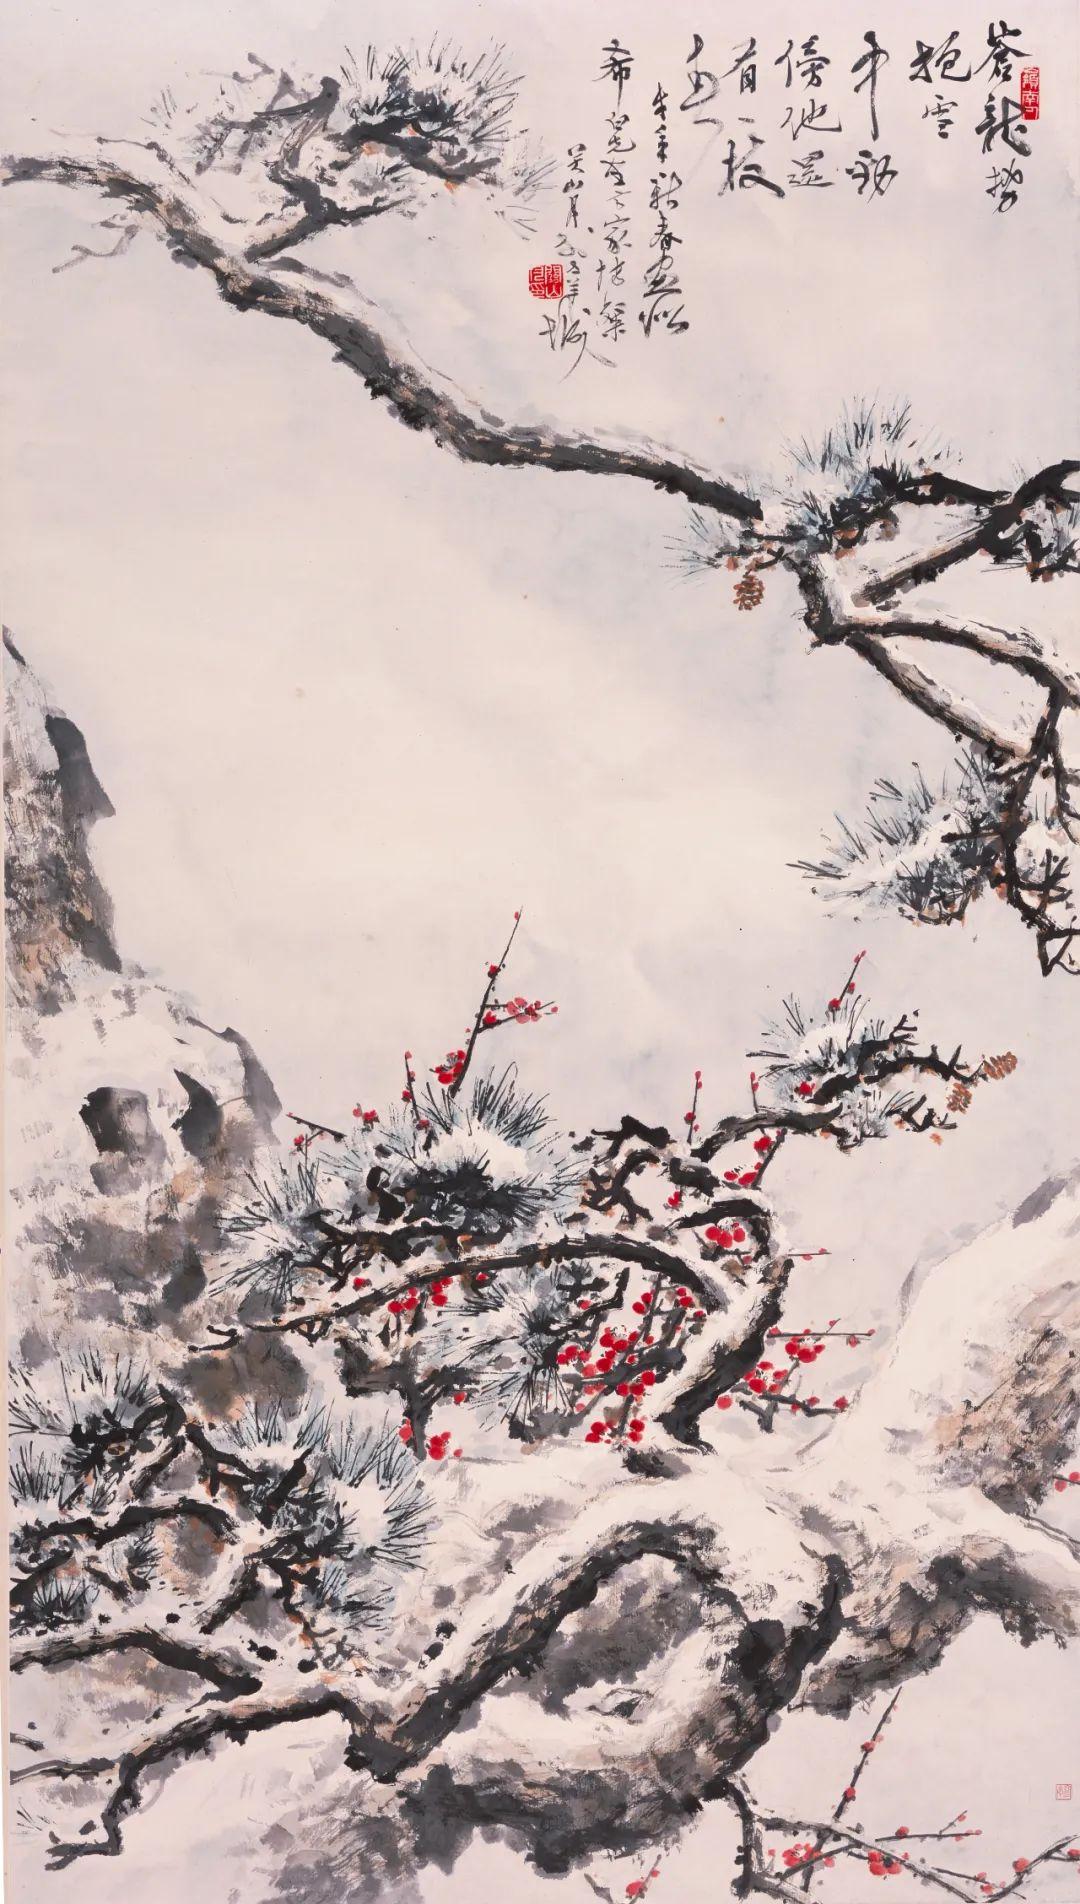 ▲关山月 雪里松梅图 146×81.7cm 纸本设色 年代不详 广州艺术博物院藏